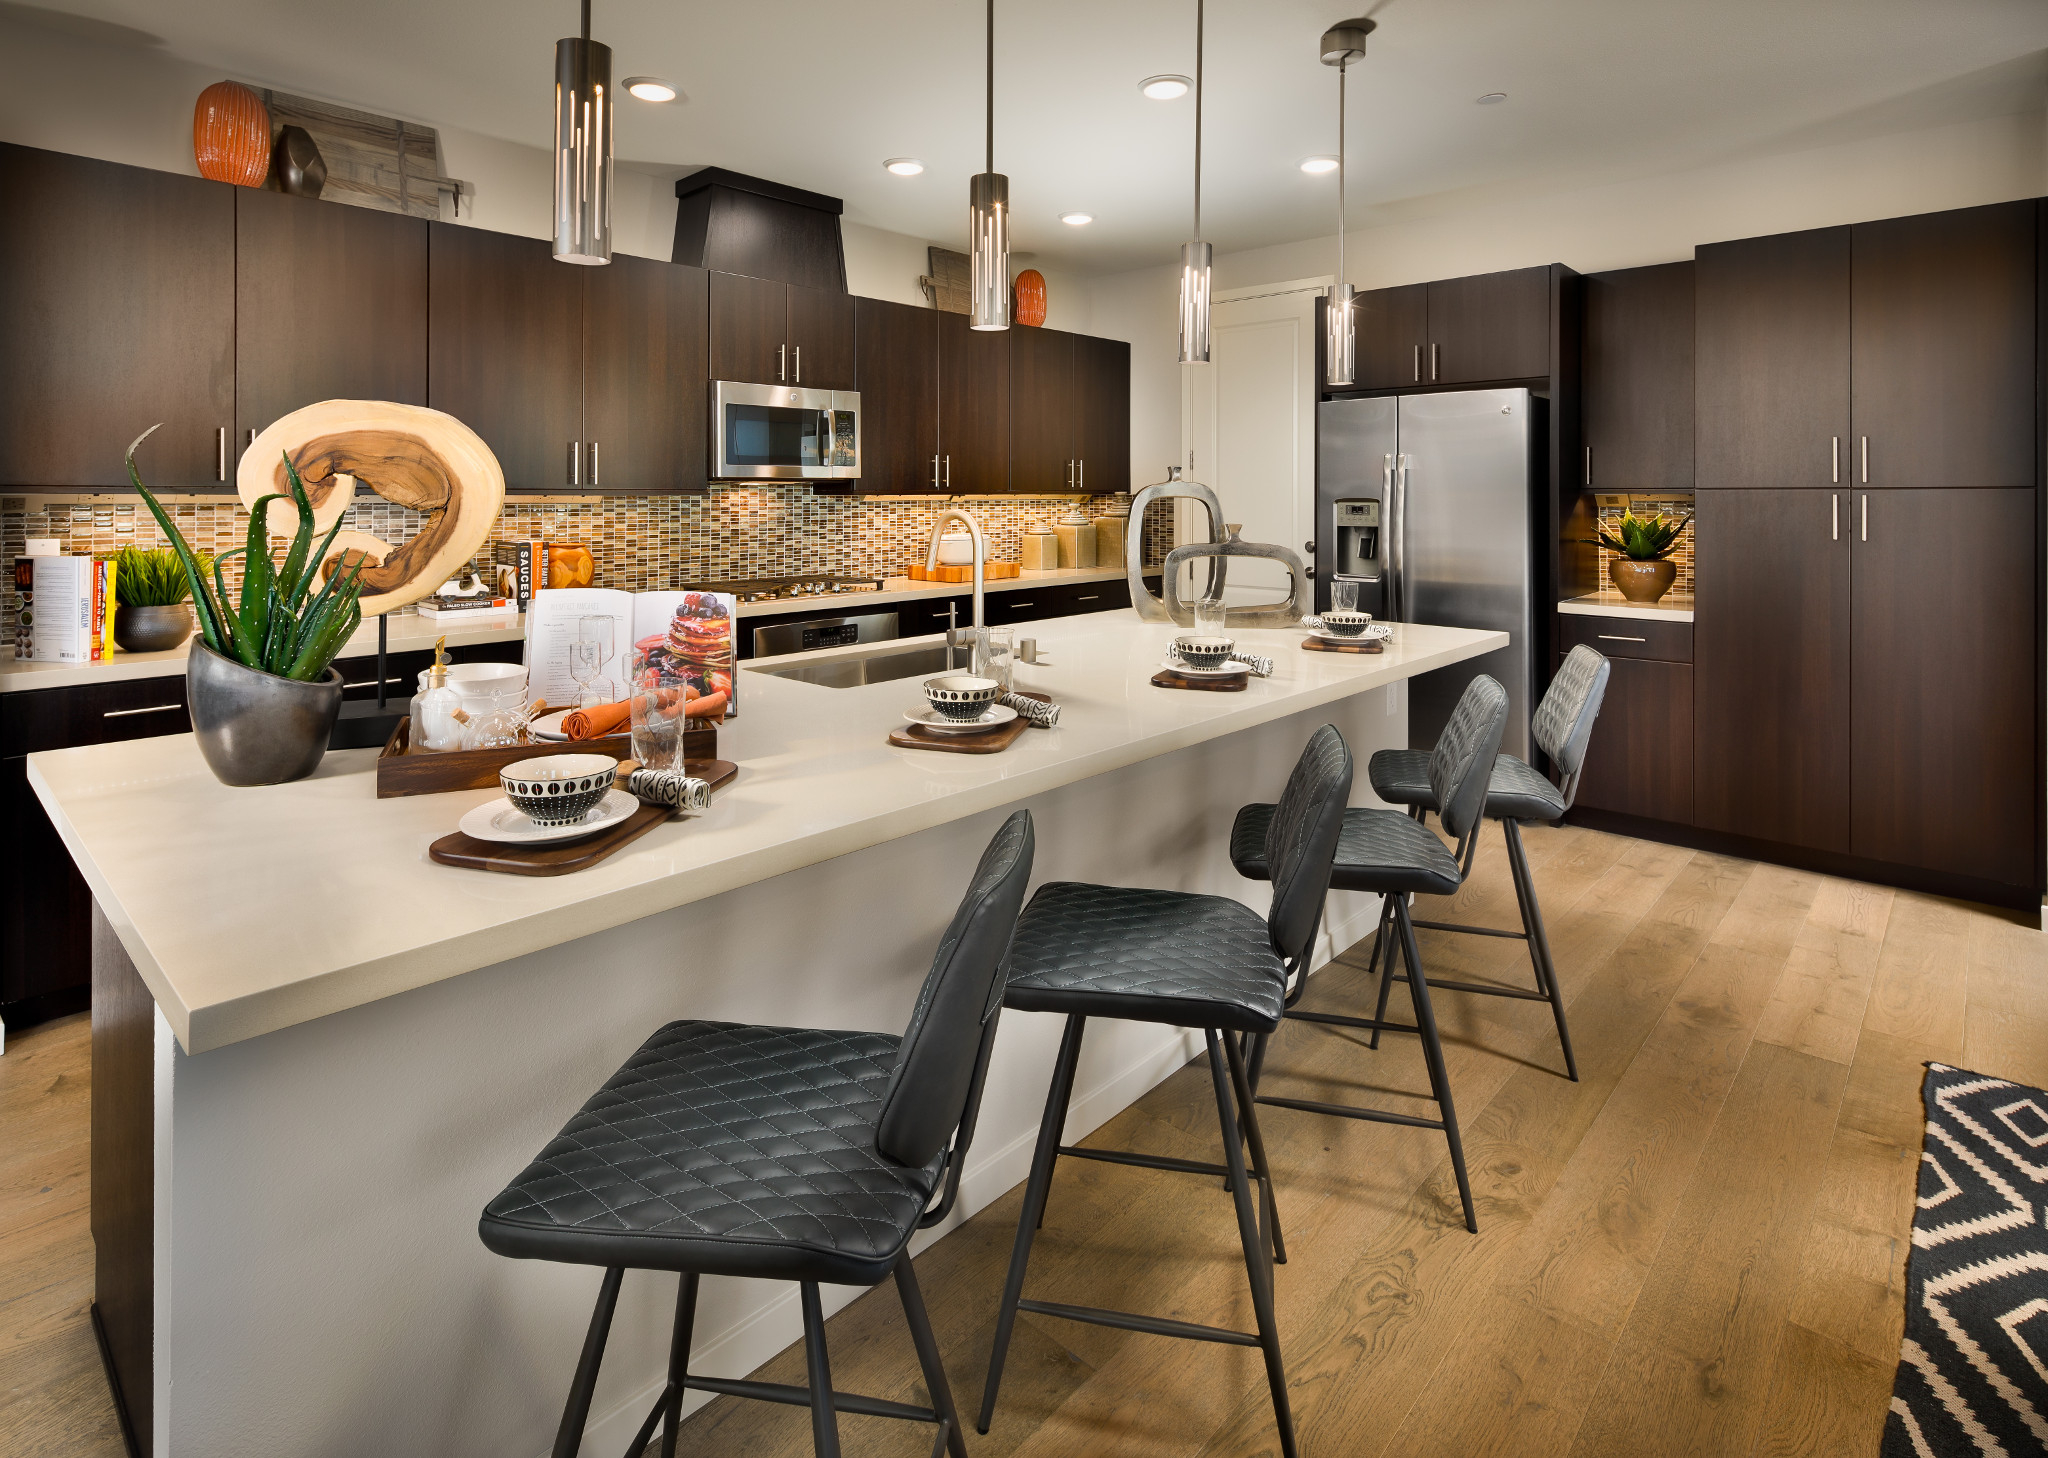 Trilogy in Summerlin Haven Kitchen